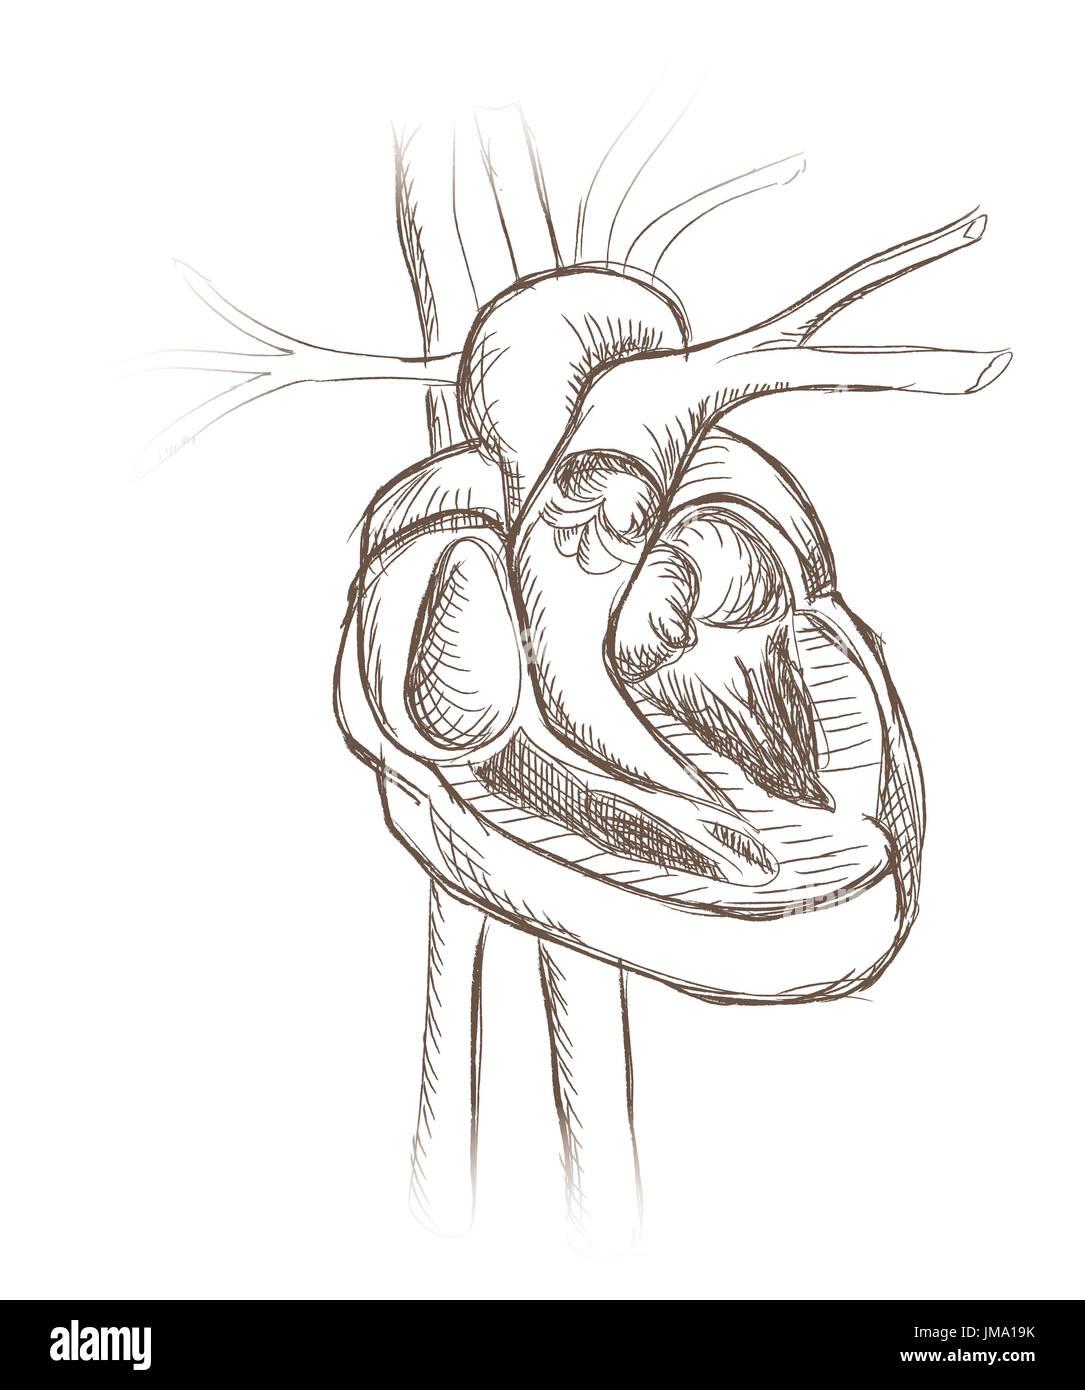 Groß Anatomie Menschliche Herz Zeitgenössisch - Menschliche Anatomie ...